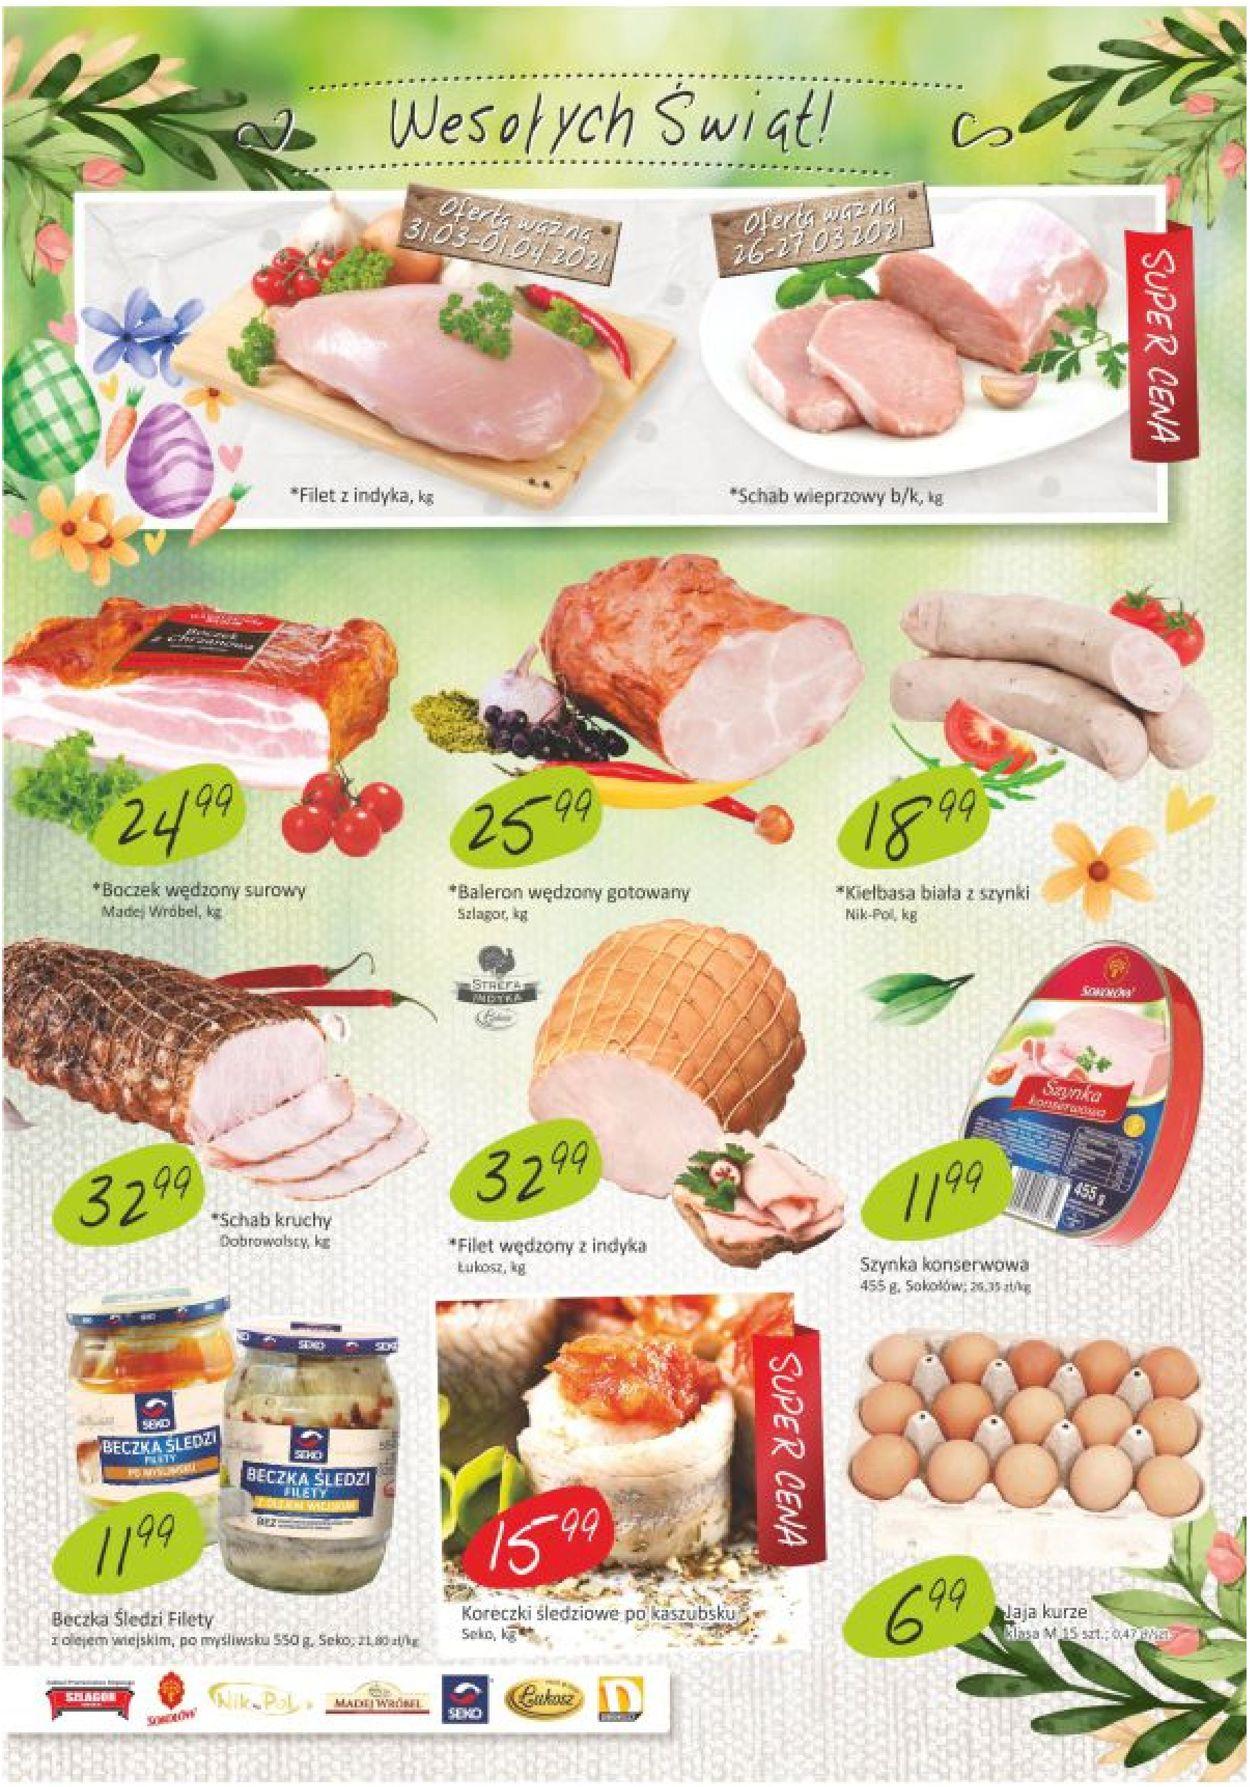 Gazetka promocyjna Avita Wielkanoc 2021! - 26.03-03.04.2021 (Strona 2)